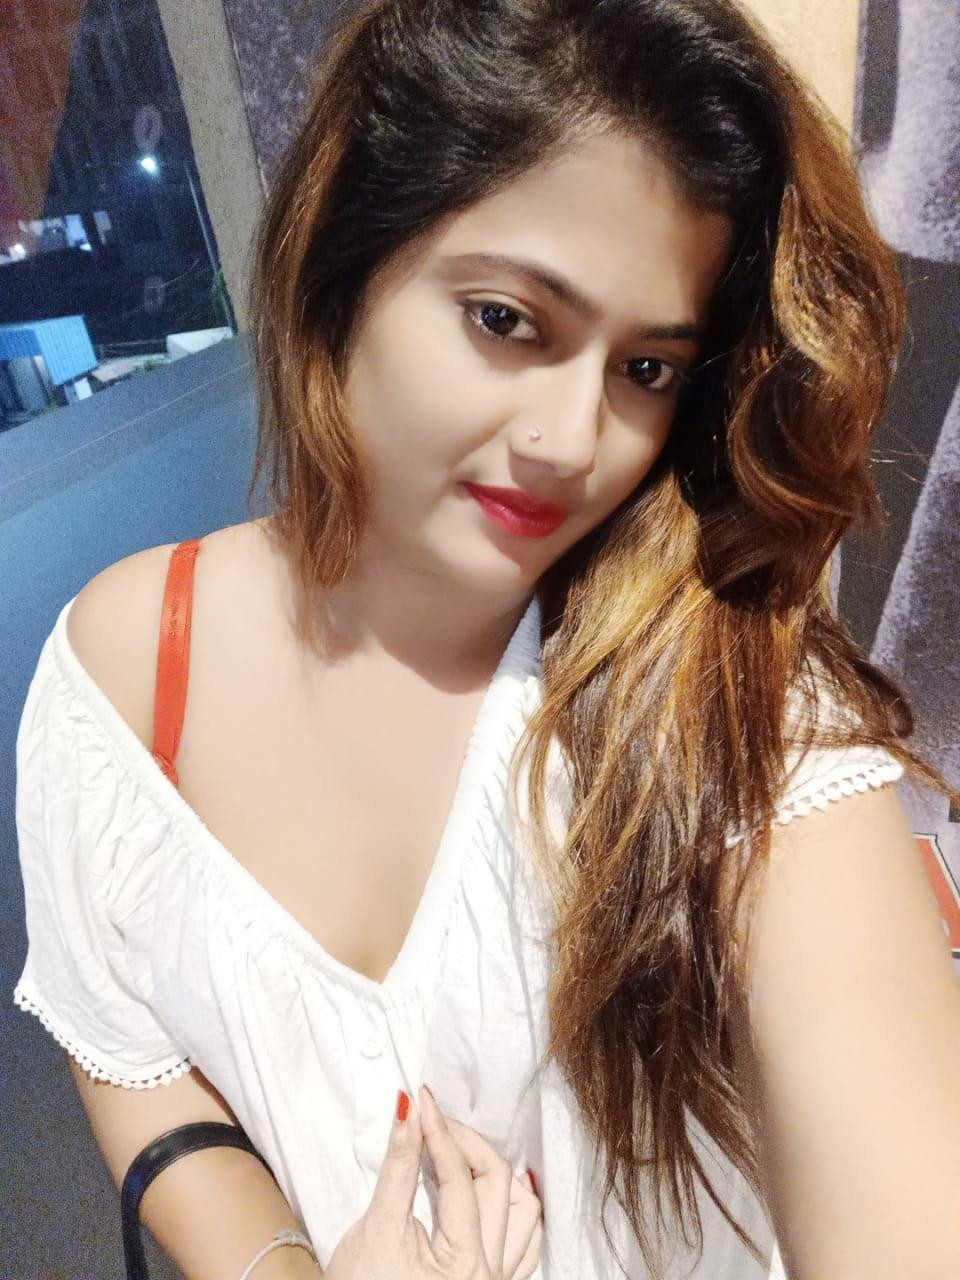 juhu call girl